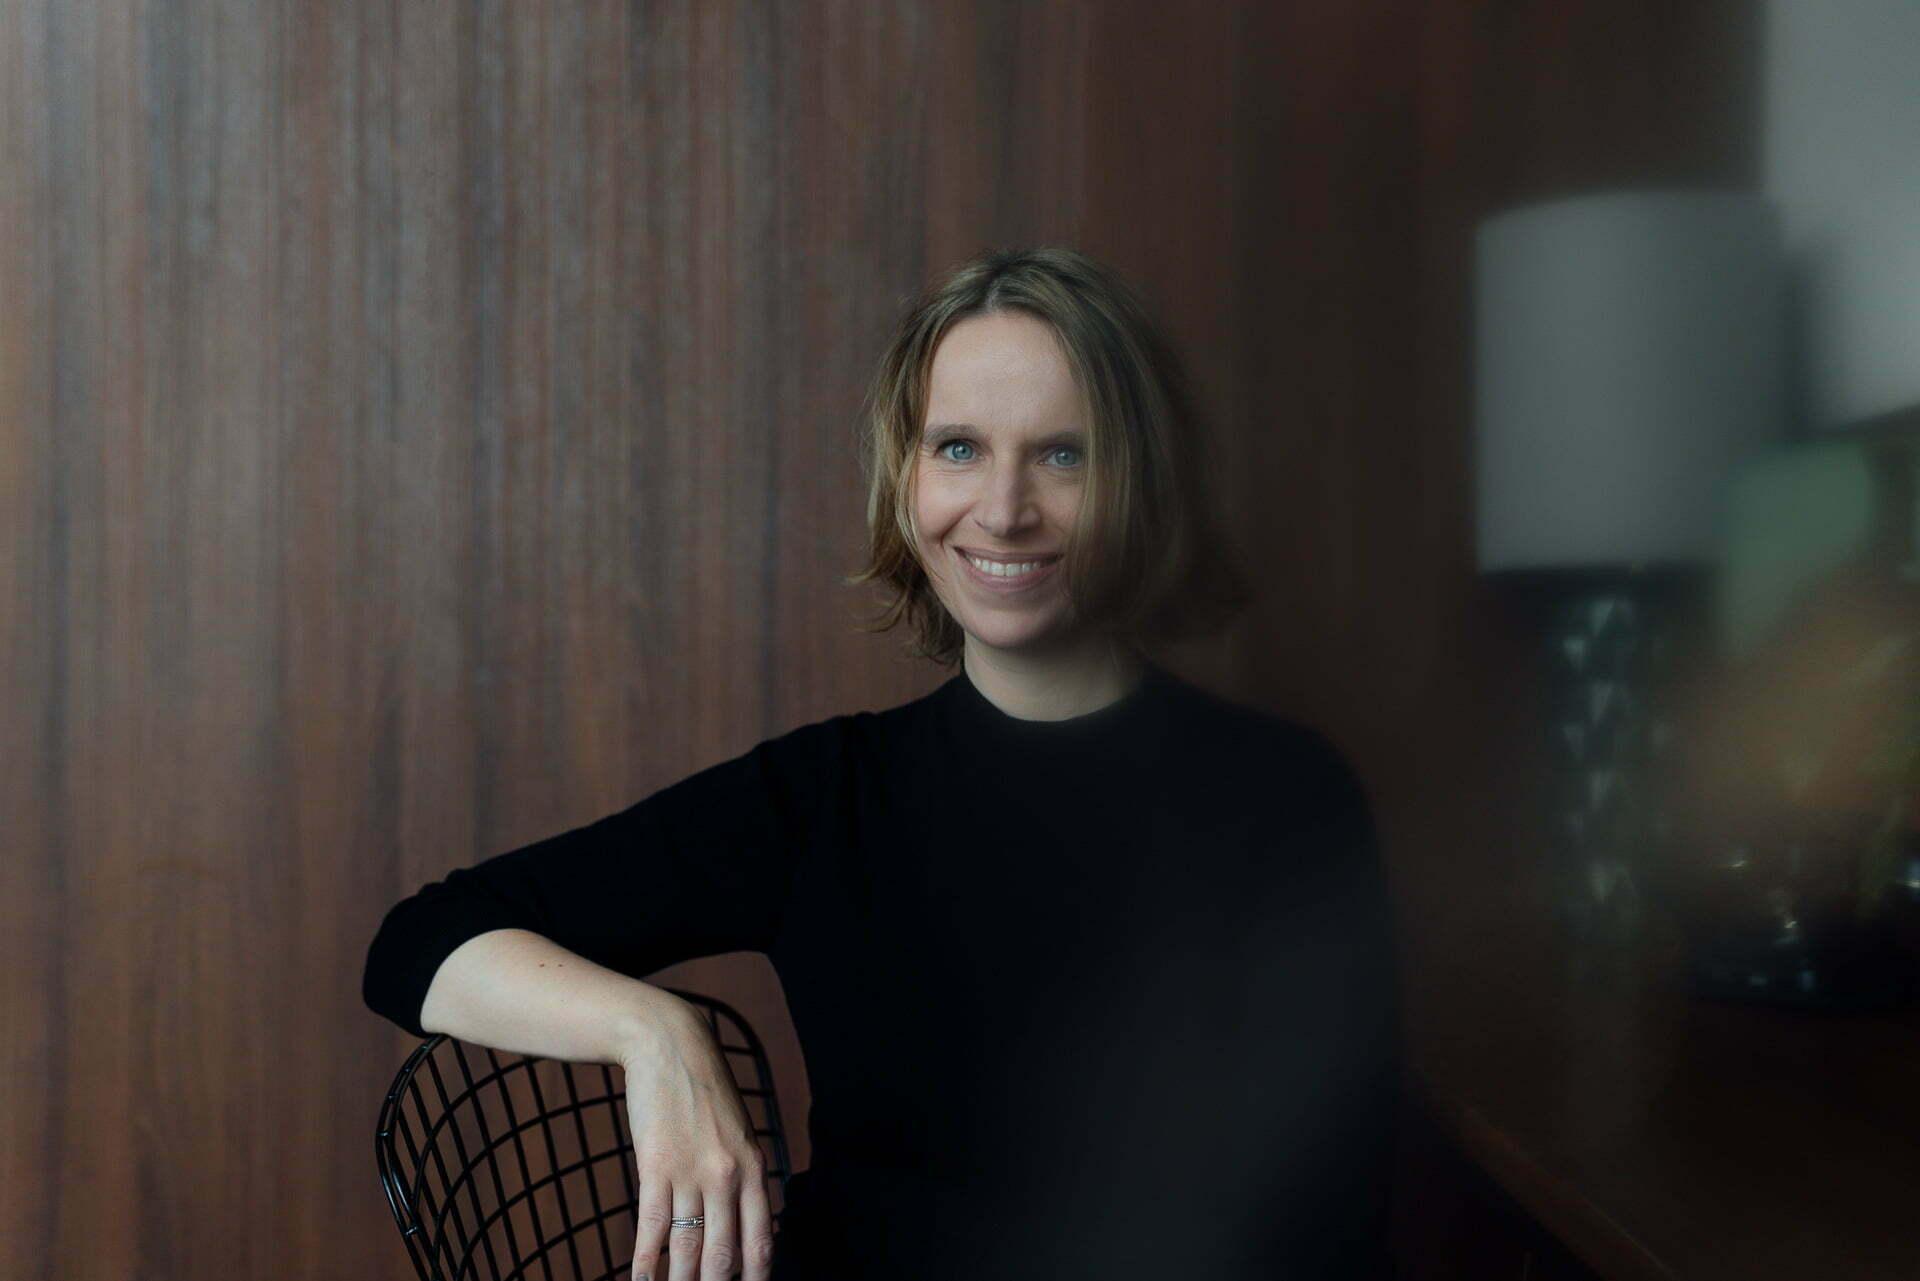 Portrait einer Frau sitzend auf einem Stuhl